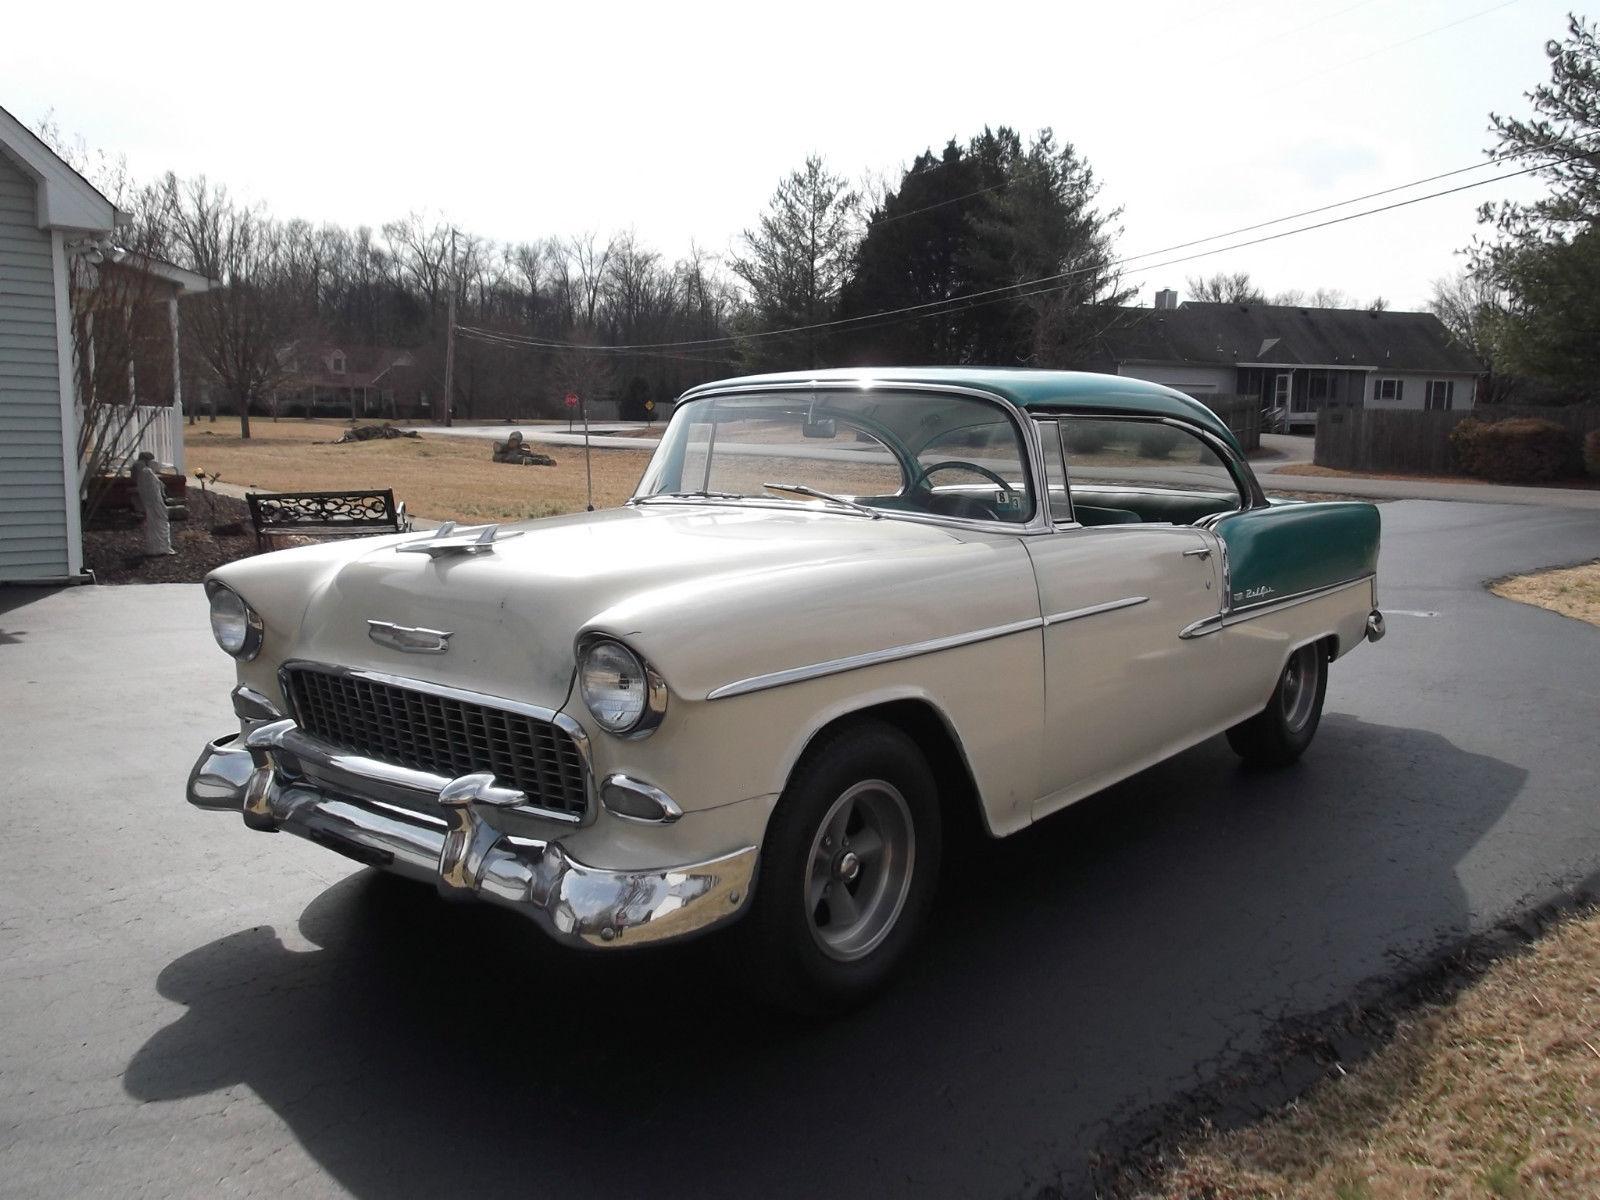 1955 chevy bel air two door hardtop 58 000 original for 1955 chevy belair 2 door hardtop for sale